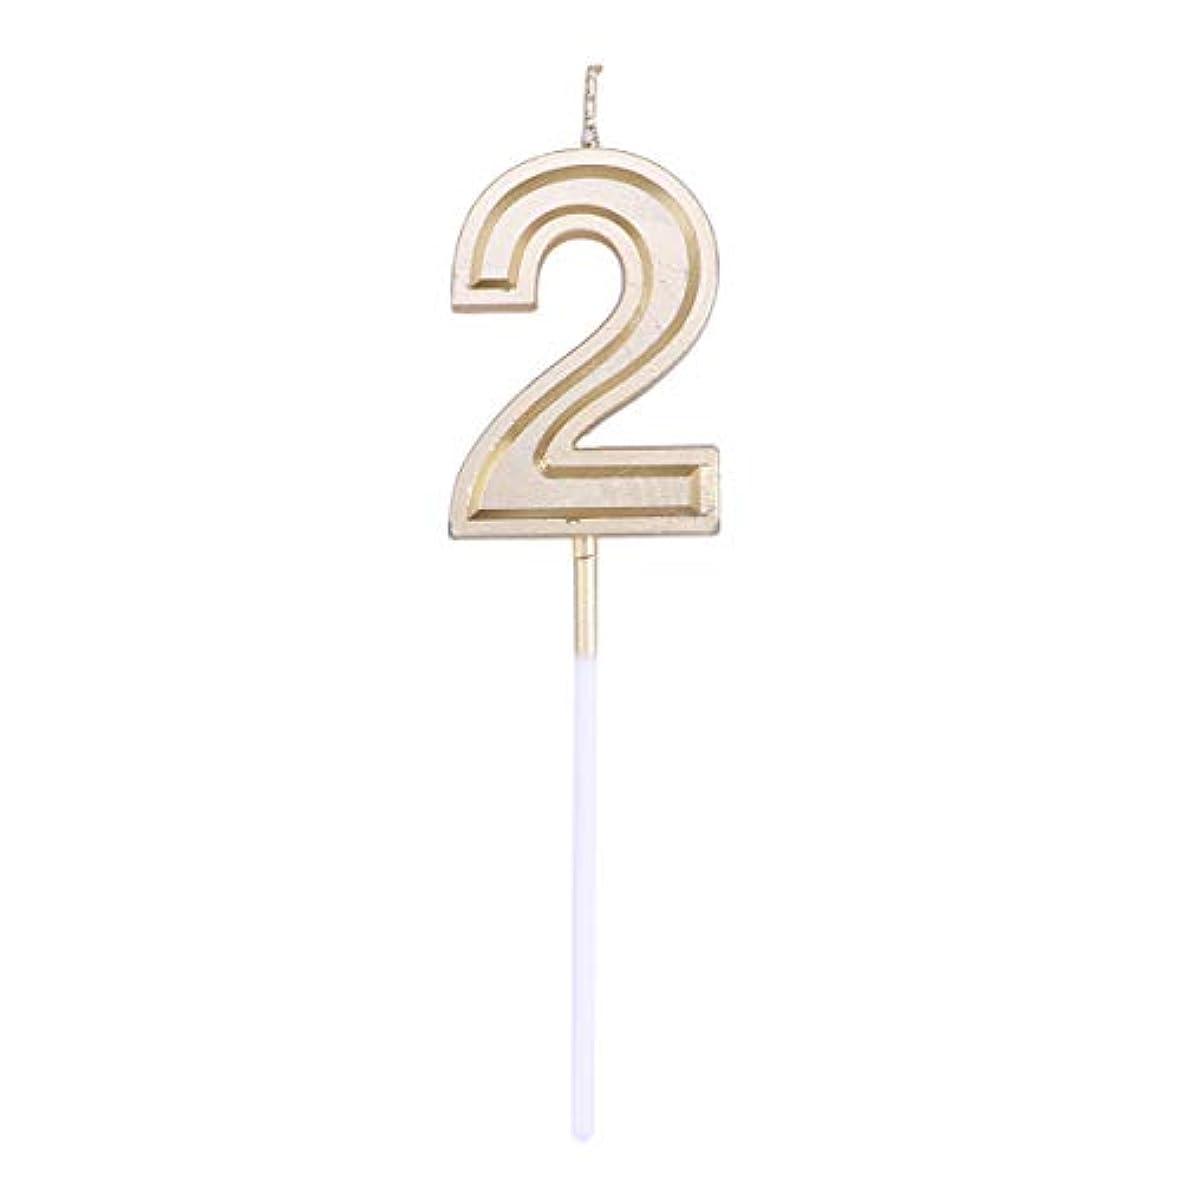 代替細い農場Toyvian ゴールドラメ誕生日おめでとう数字キャンドル番号キャンドルケーキトッパー装飾用大人キッズパーティー(ナンバー2)